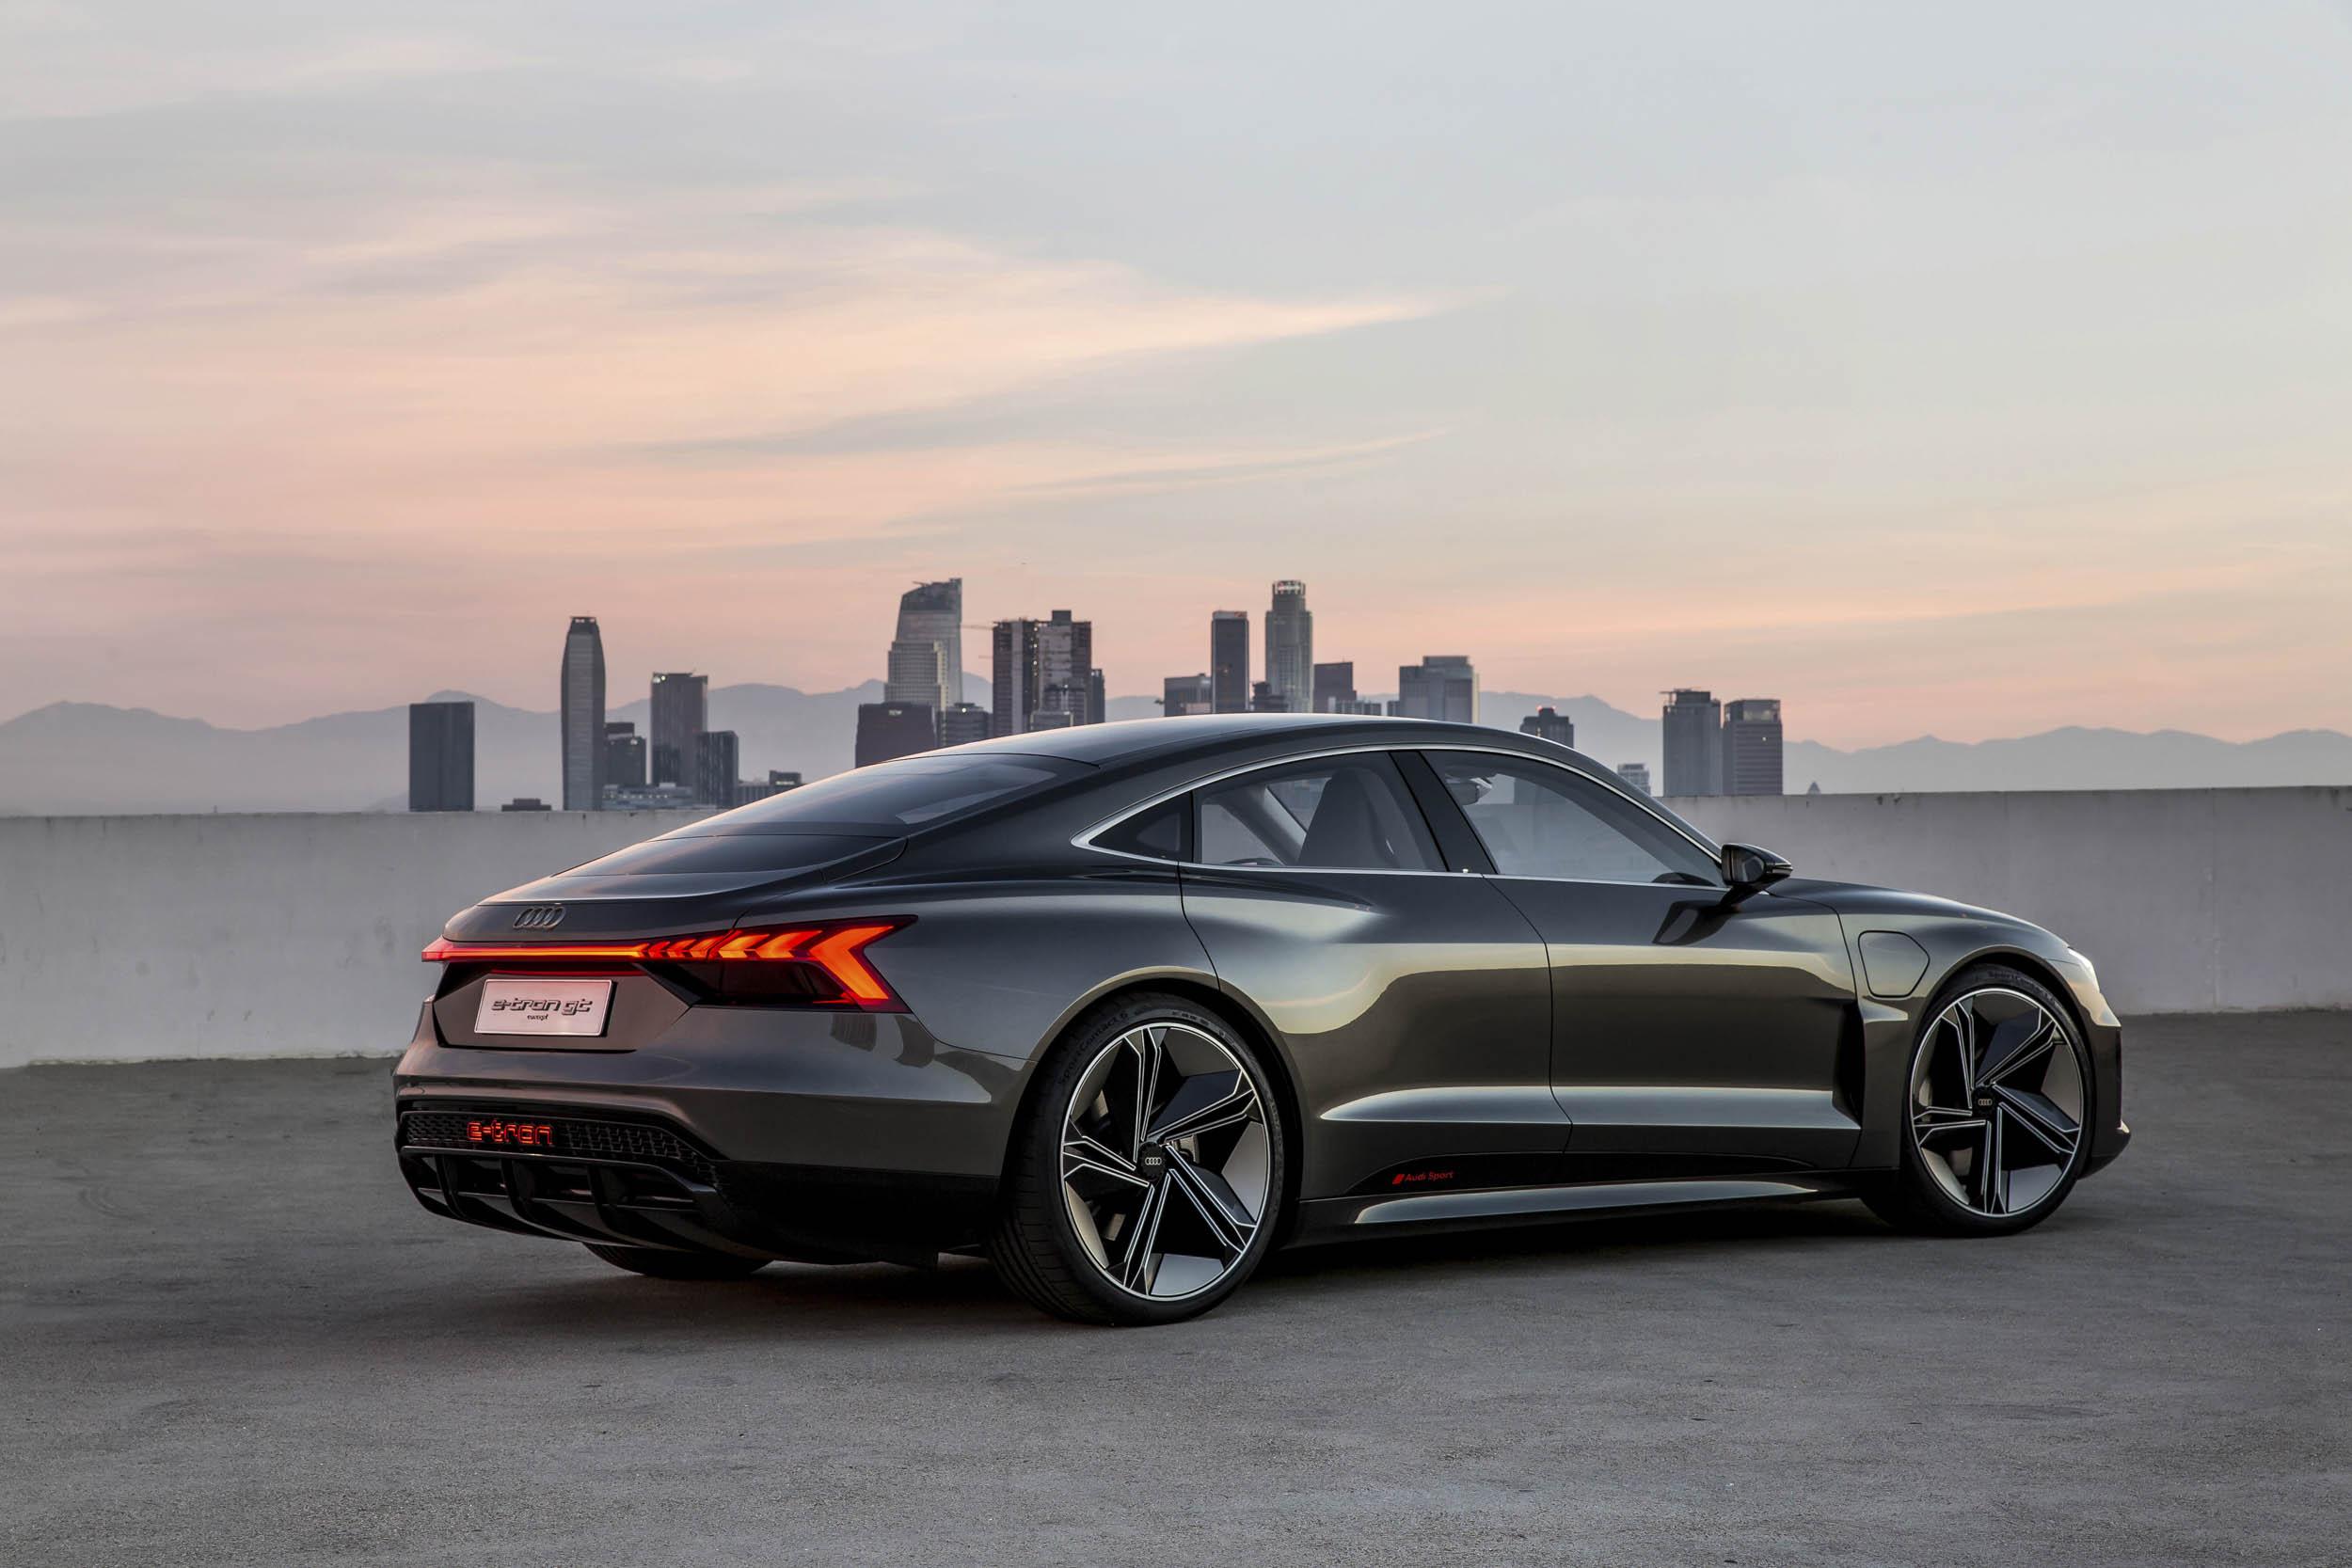 Audi e-tron GT rear 3/4 with a skyline